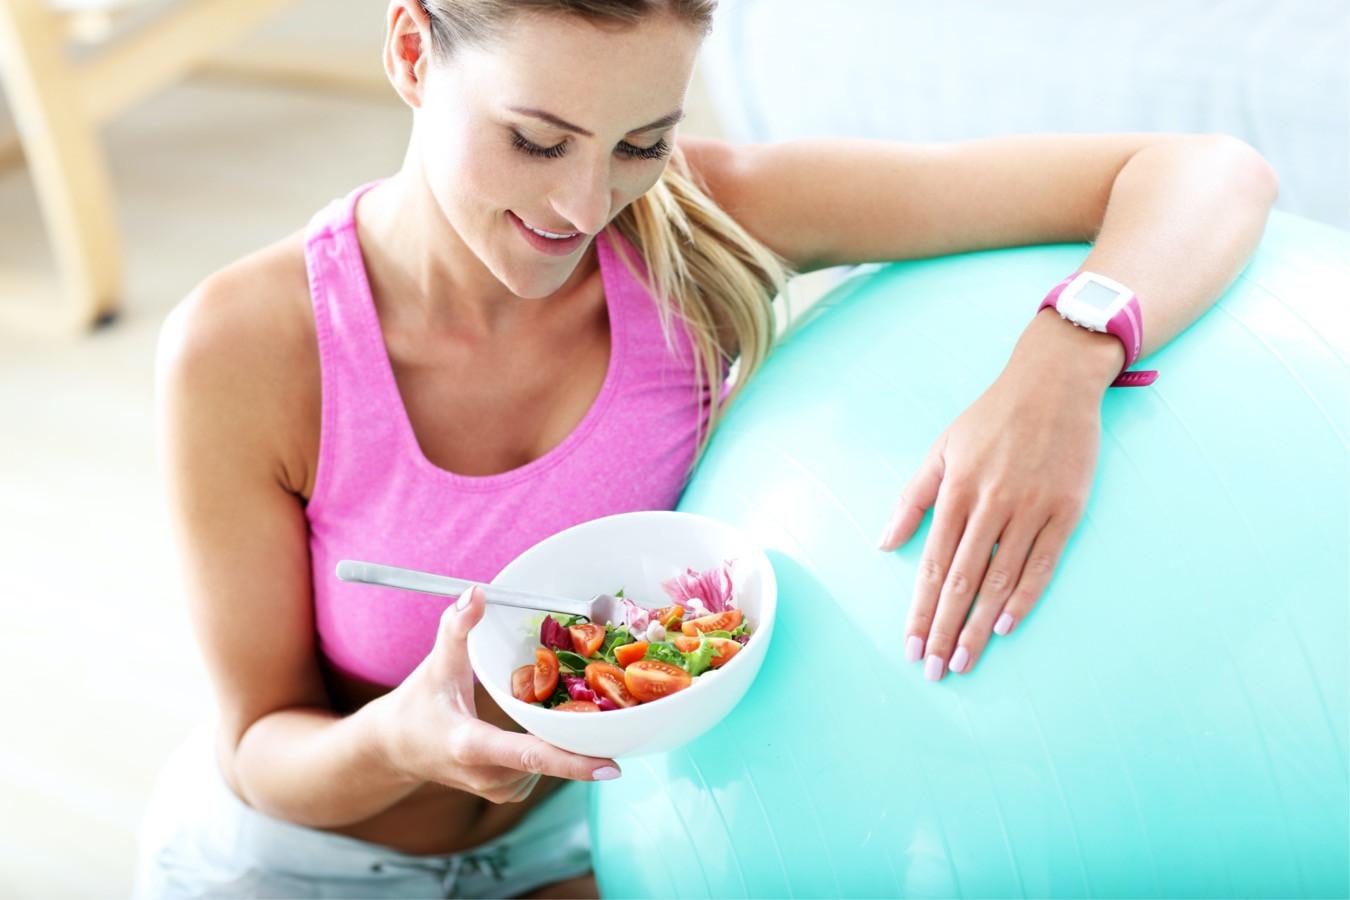 Как Похудеть После Антидепрессантов. Как похудеть после антидепрессантов отзывы